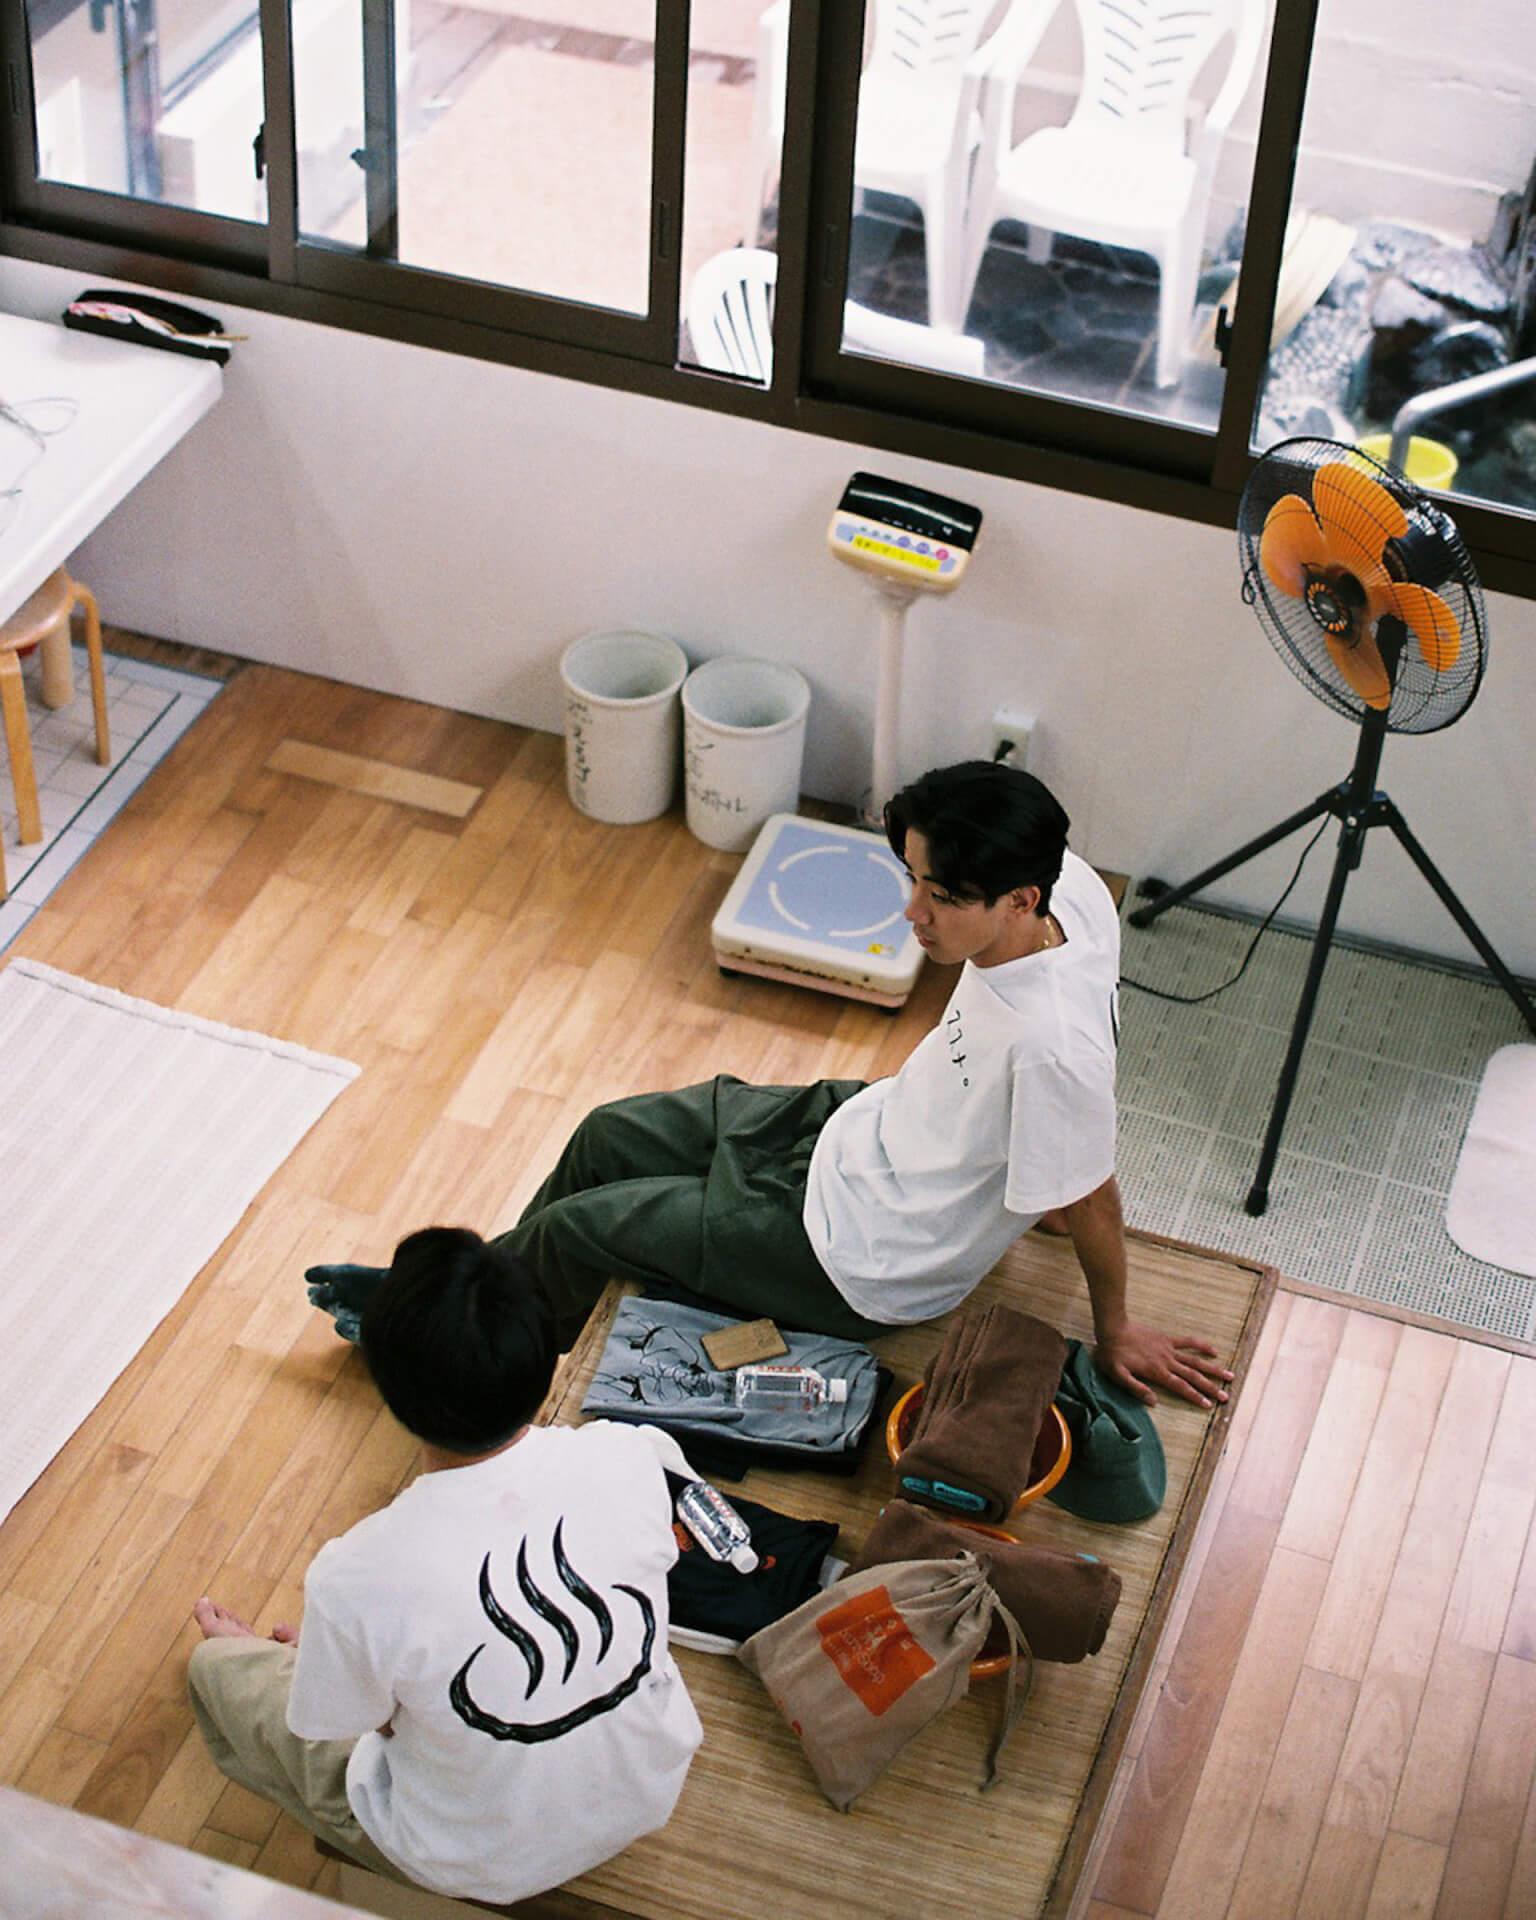 ヤマザキマリ描き下ろしの暖簾と銭湯絵が東上野の人気銭湯「寿湯」をジャック!<銭湯のススメ。2021>開催 art210423_sentounosusume-210423_6